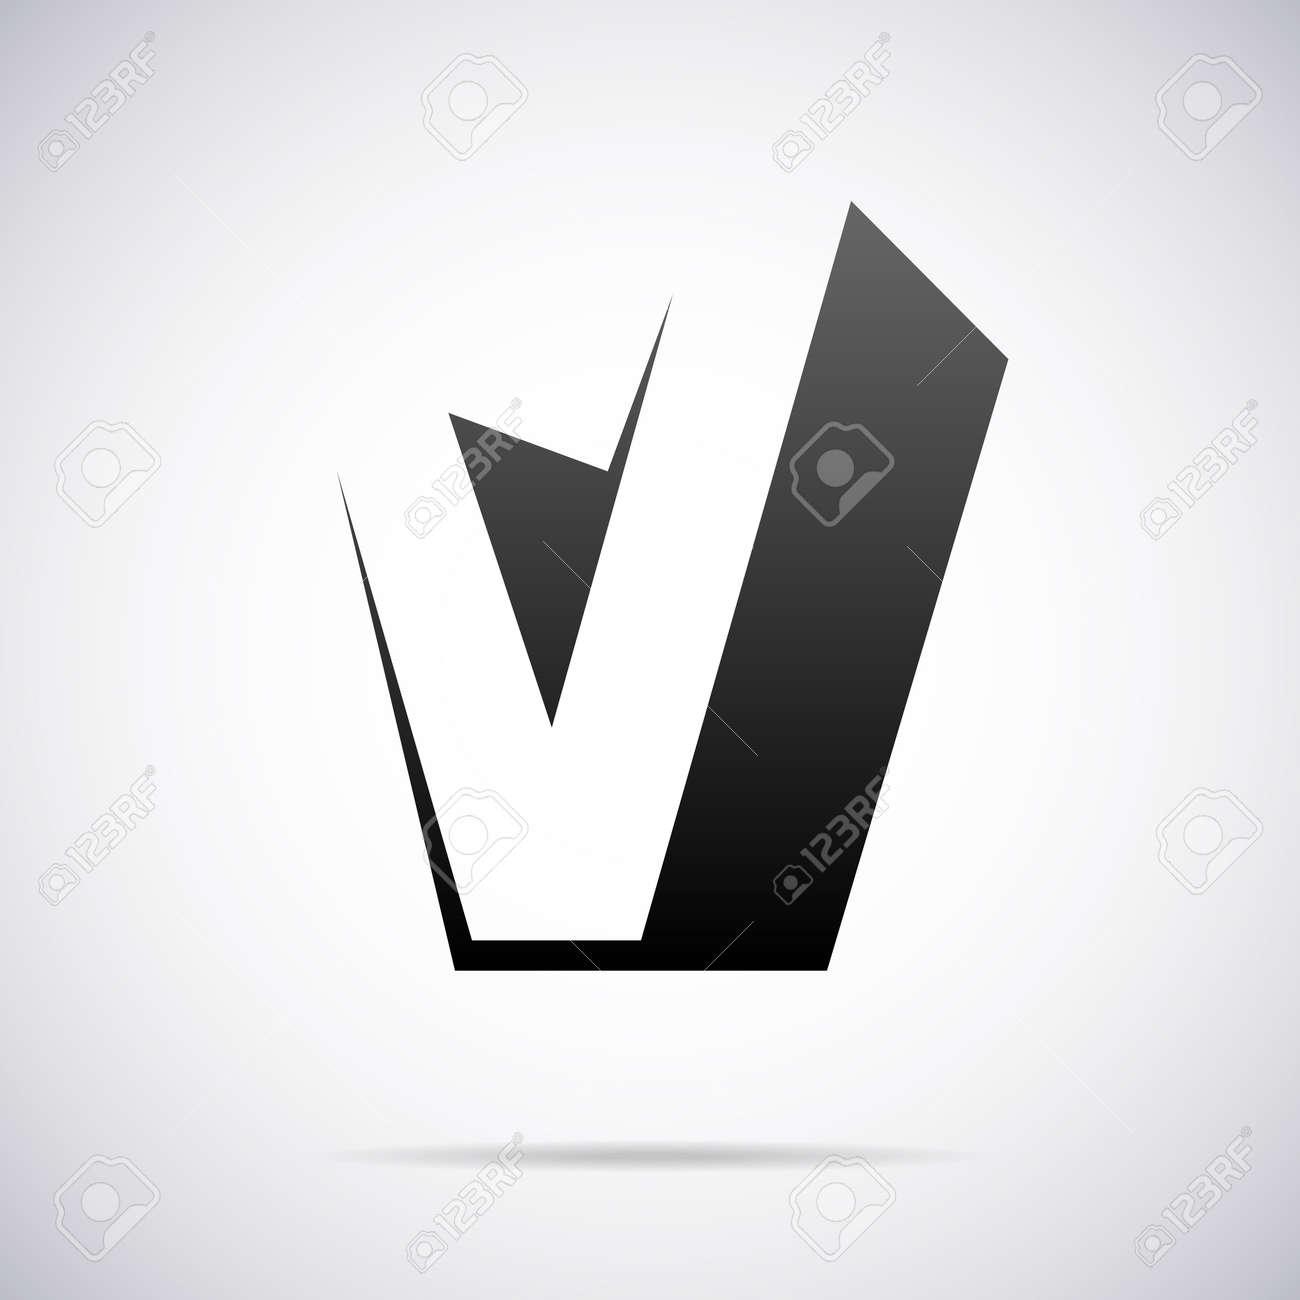 v design Letter V Design Template Vector Illustration Royalty Free Cliparts  v design